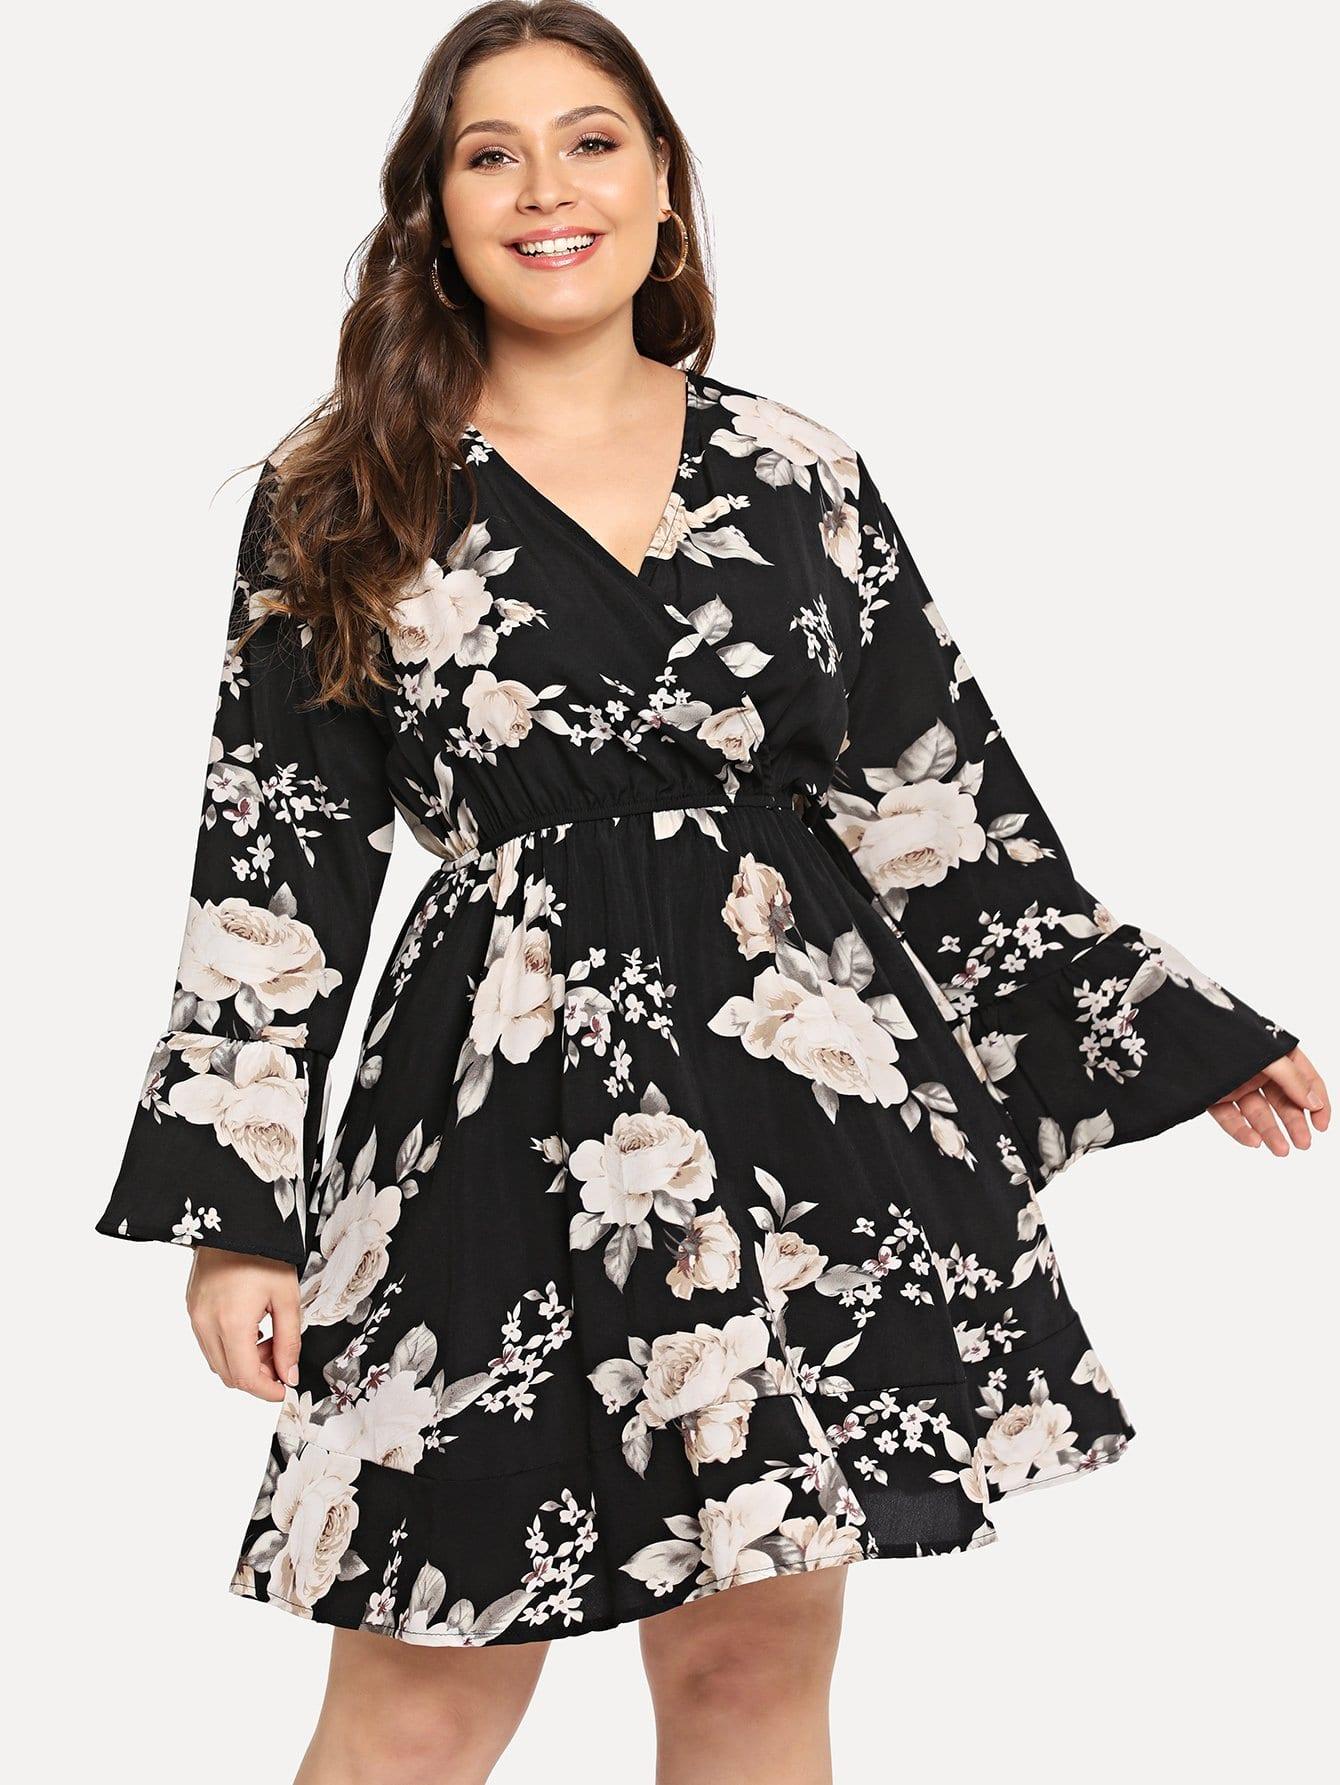 Купить Большое общое ситцевое платье с V-образным вырезом, Carol, SheIn